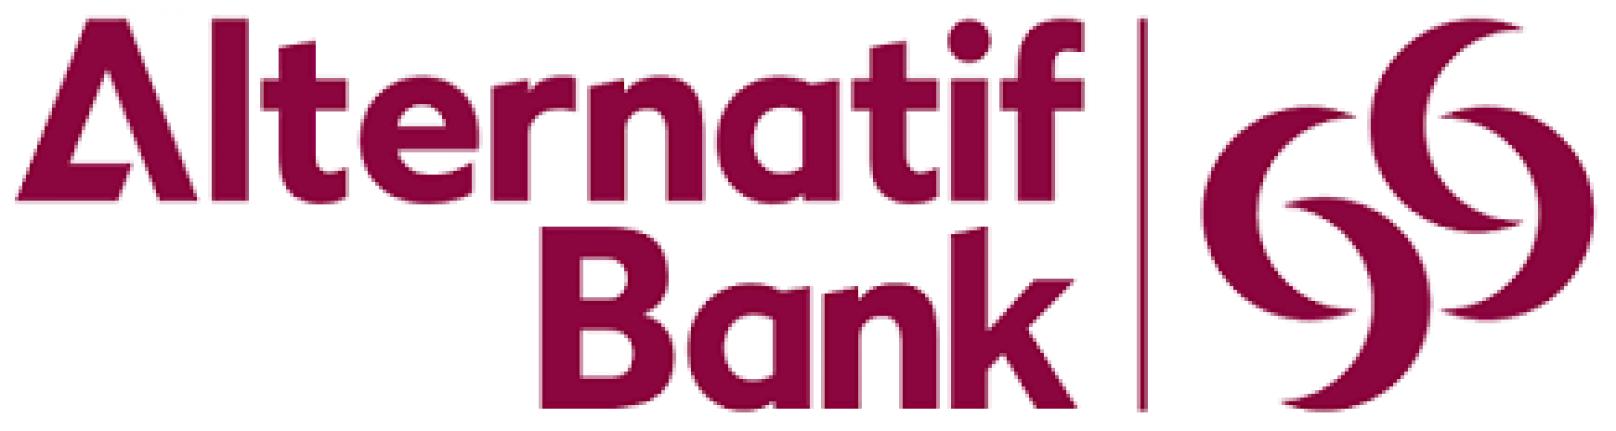 Alternatif Bank'ın Dış Ticaretteki Başarısına IFC ve EBRD'den 3 Ödül